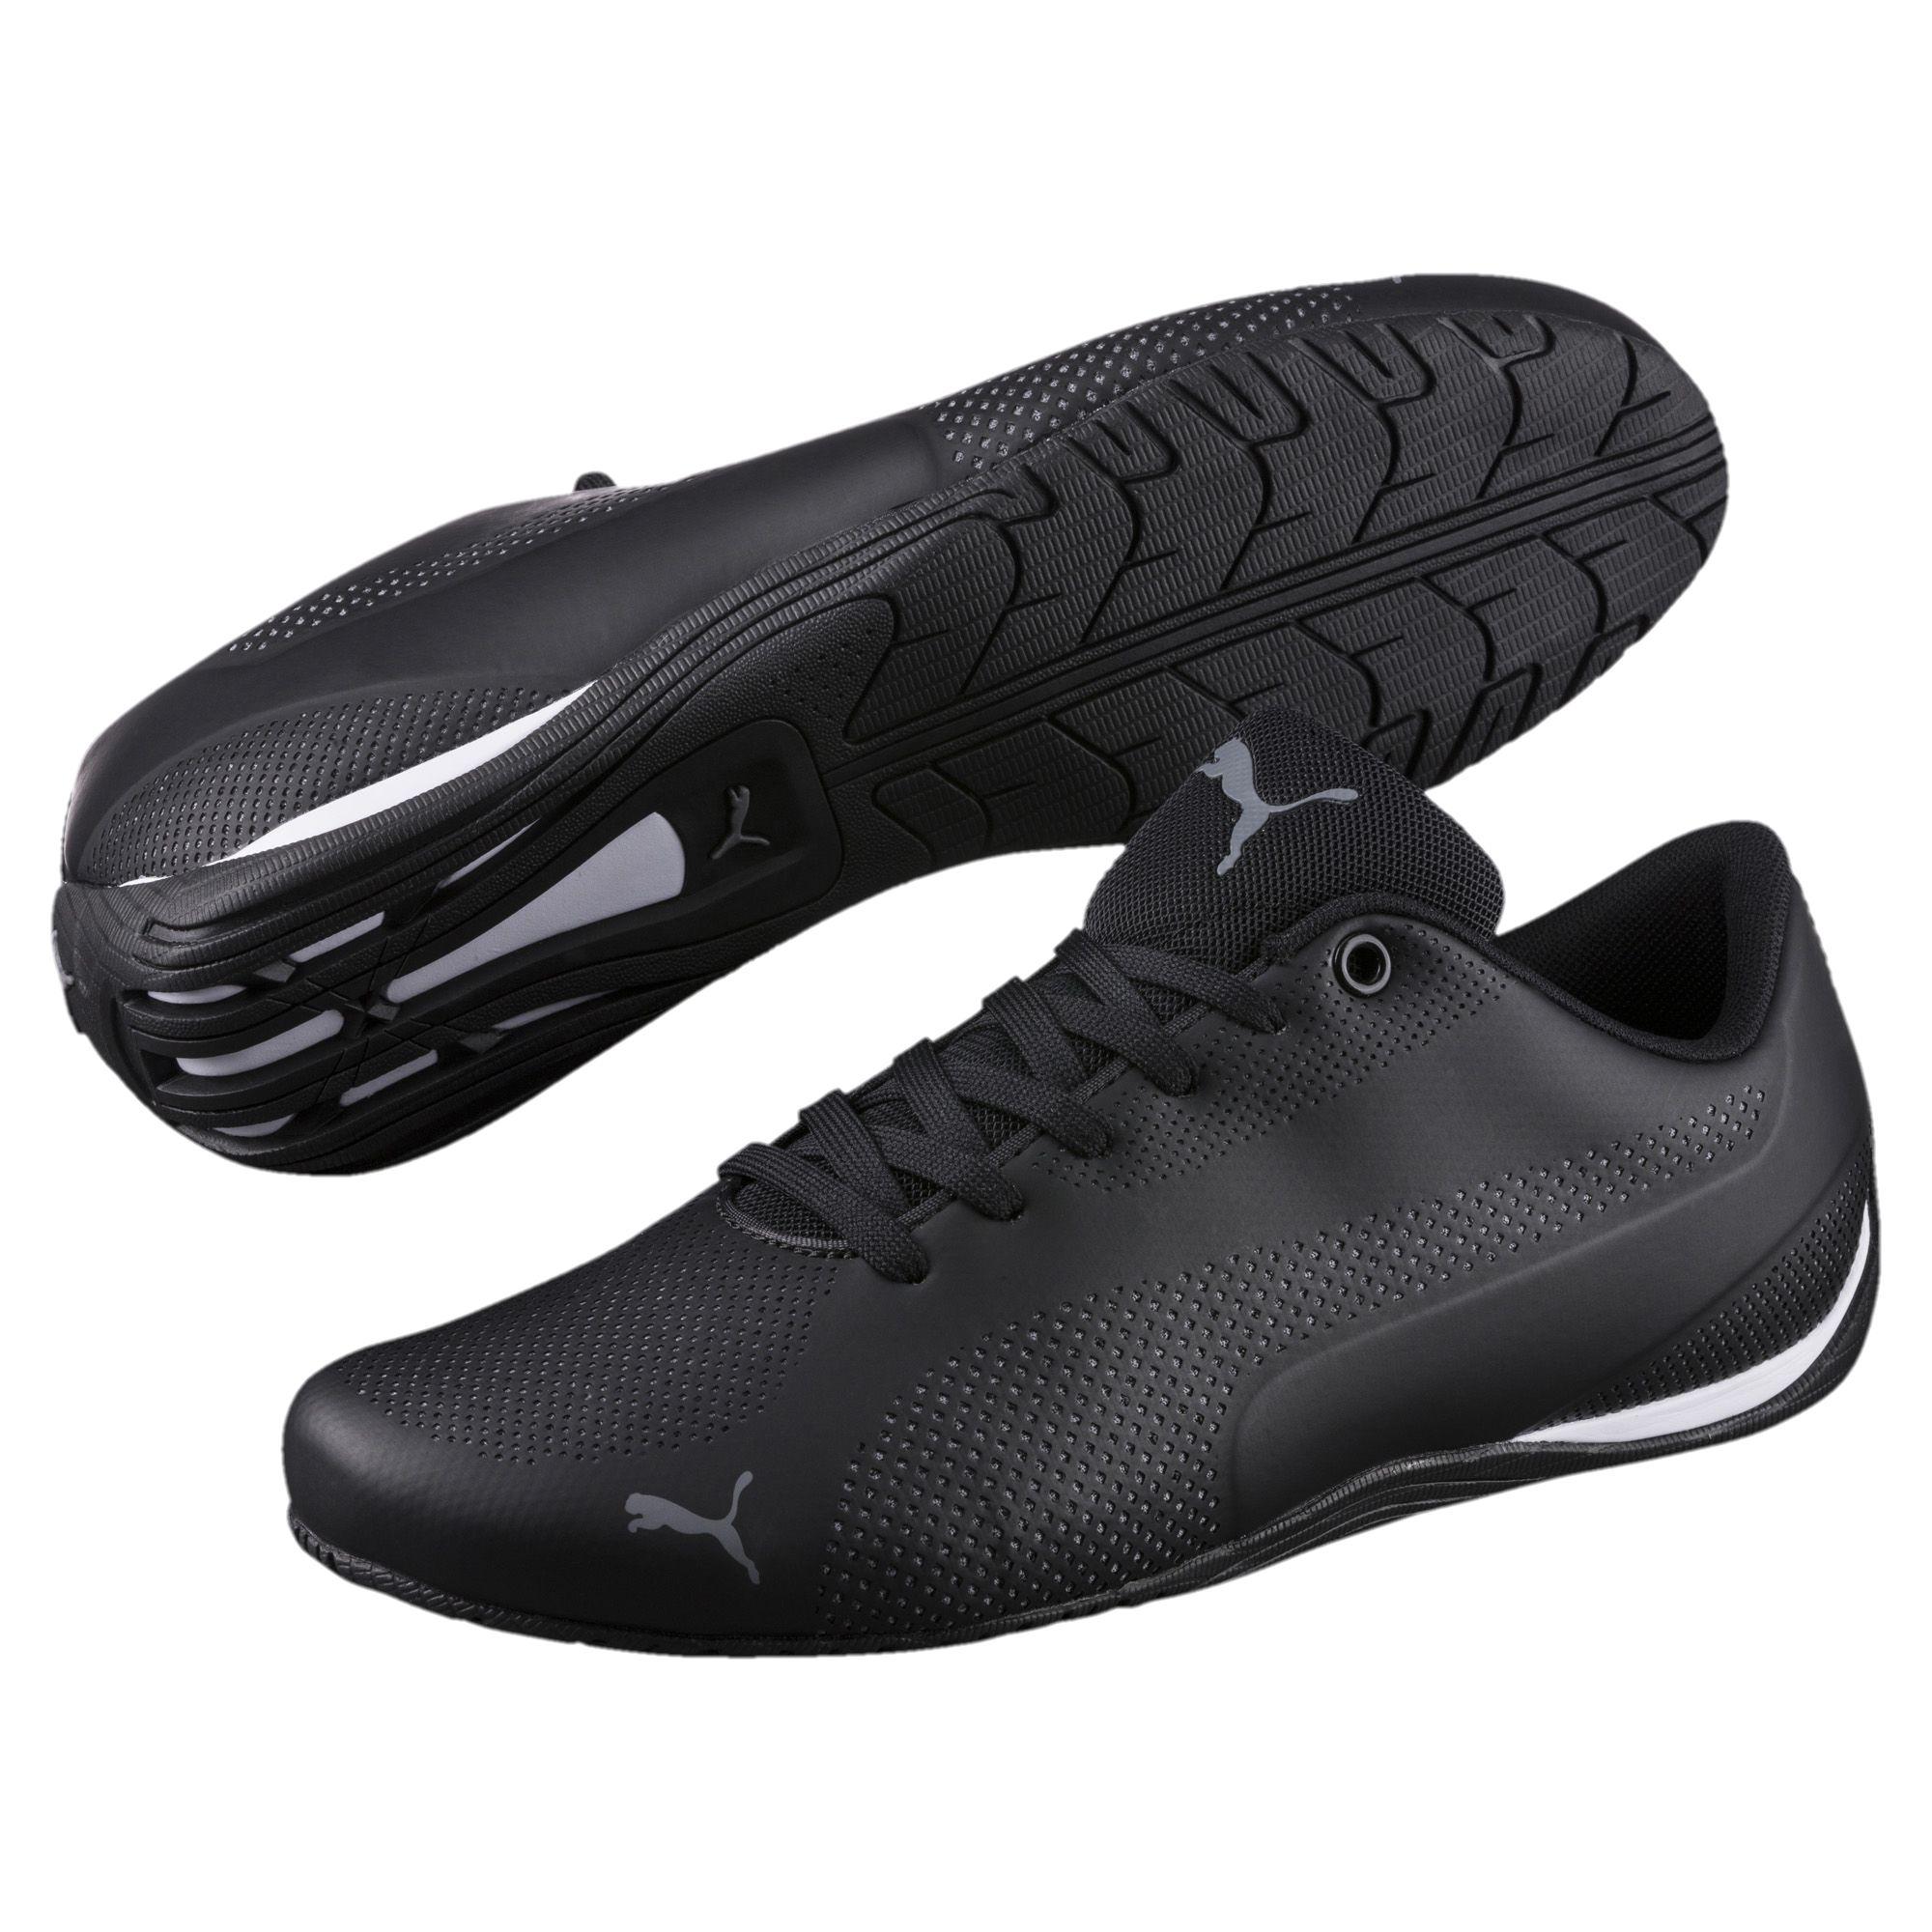 PUMA Men s Drift Cat 5 Ultra Driving Shoes -  30 - Slickdeals.net 201493d96